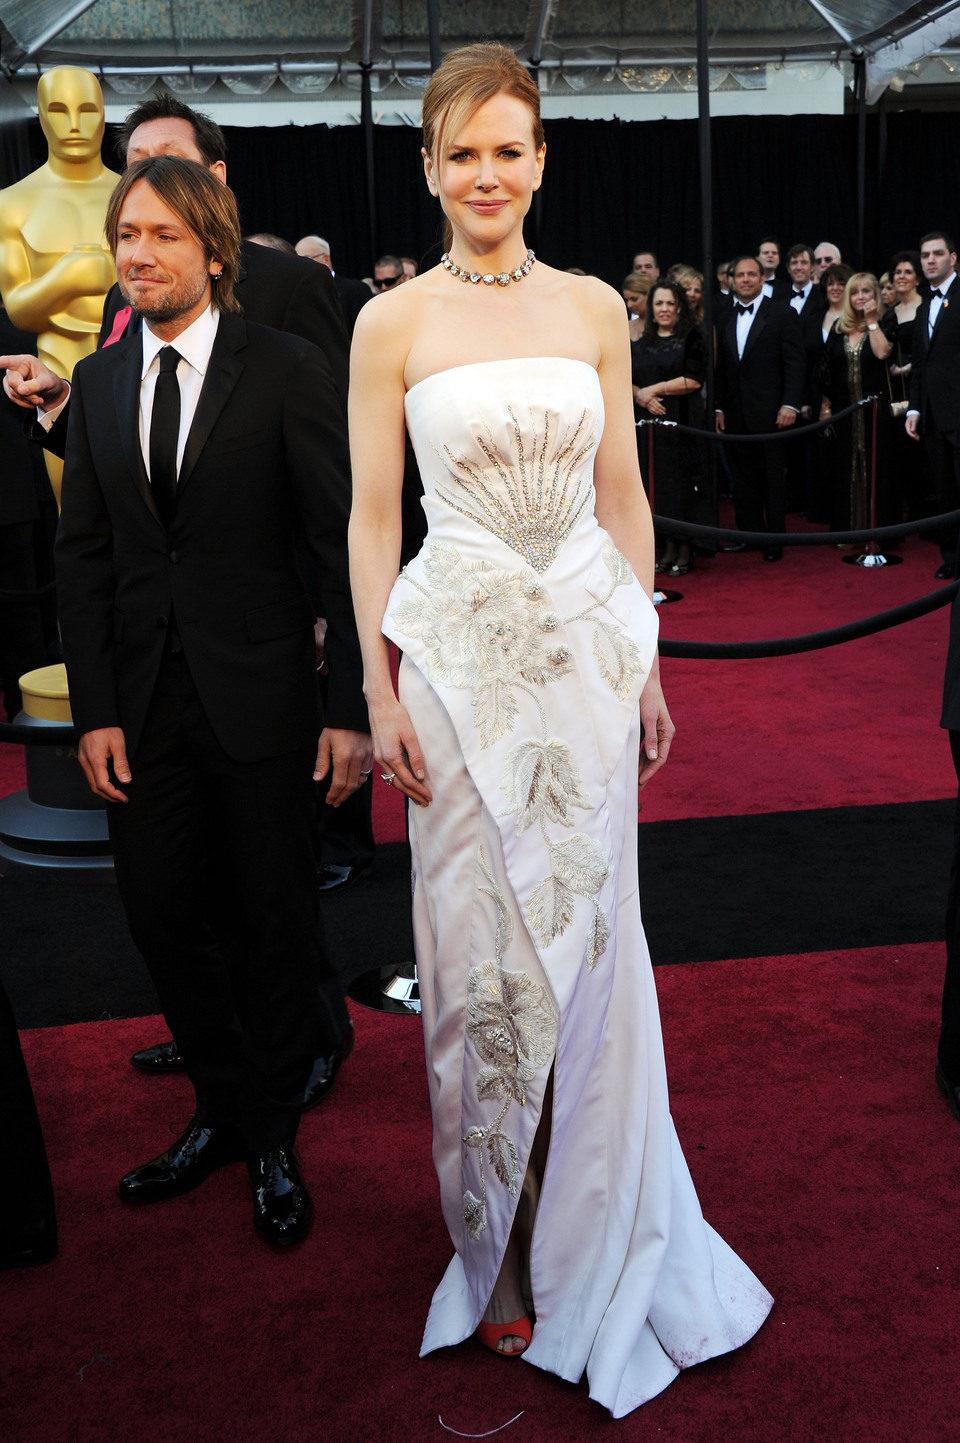 Nicole Kidman, nominada como mejor actriz en los Oscar 2011